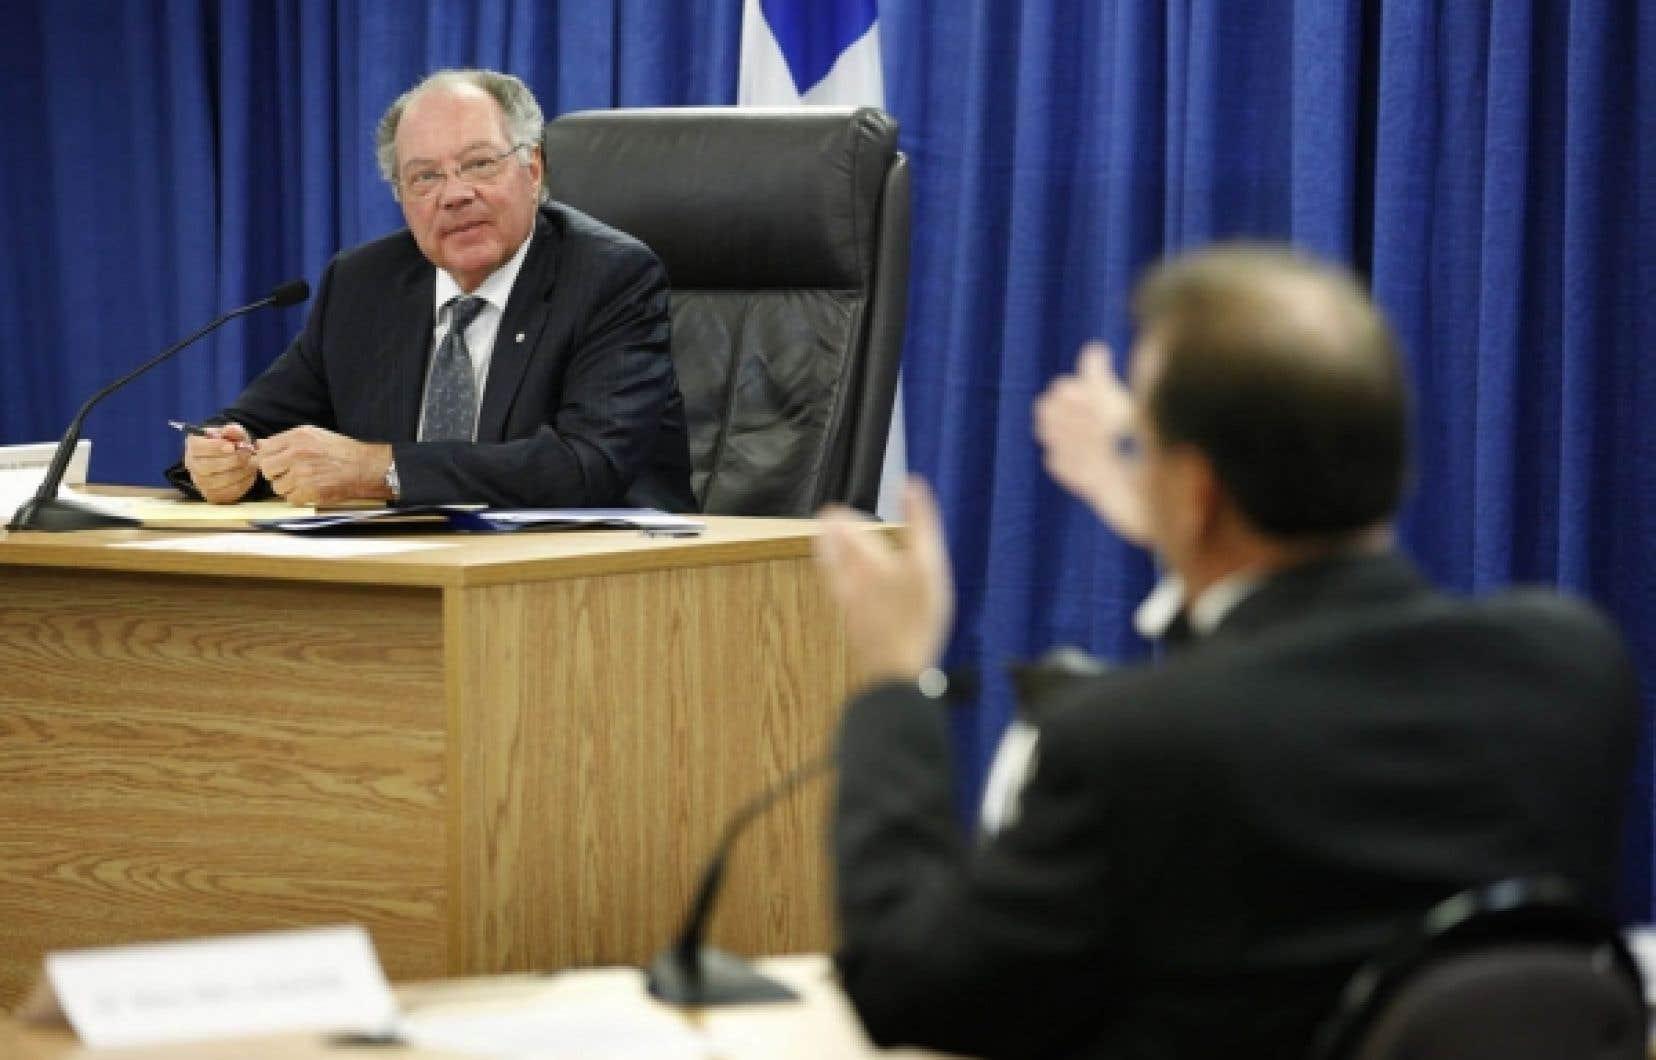 Michel Bastarache, président de la Commission d'enquête sur le processus de nomination des juges, écoute le témoignage de Marc Bellemare lors du début des audiences, hier, à Québec.<br />